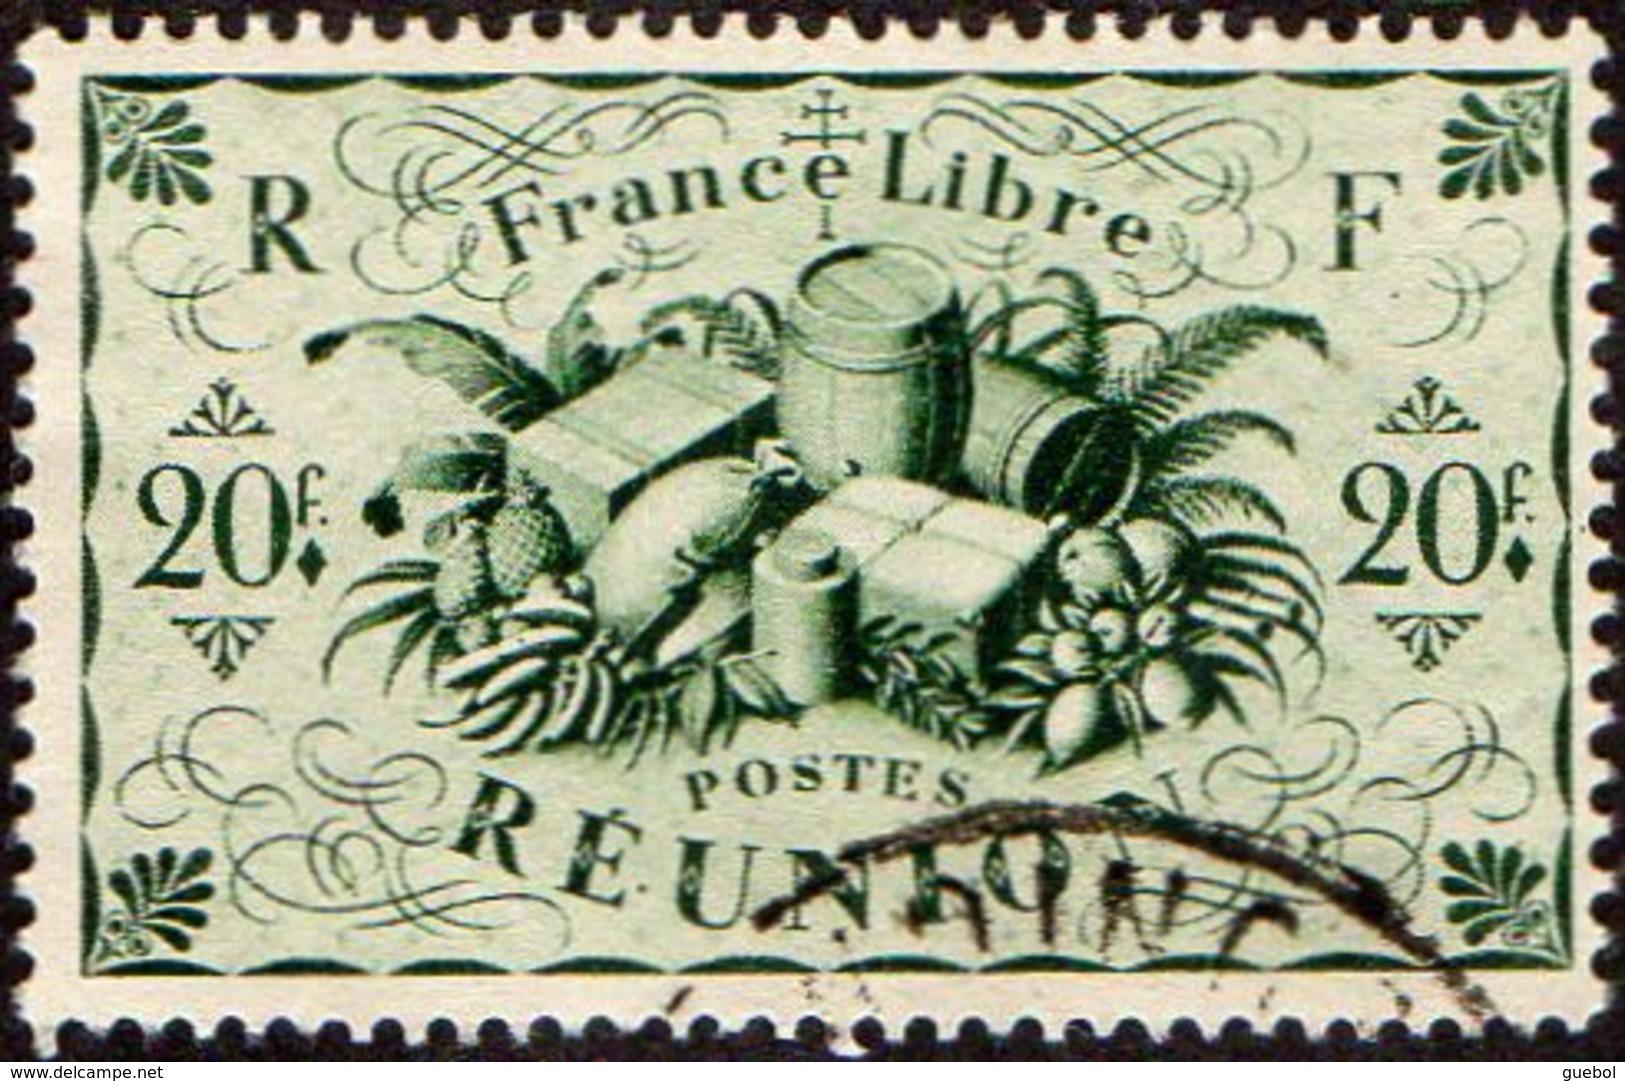 Réunion Obl. N° 246 - Détail De La Série De LONDRES De 1943 - Productions - 20frs Vert - Réunion (1852-1975)